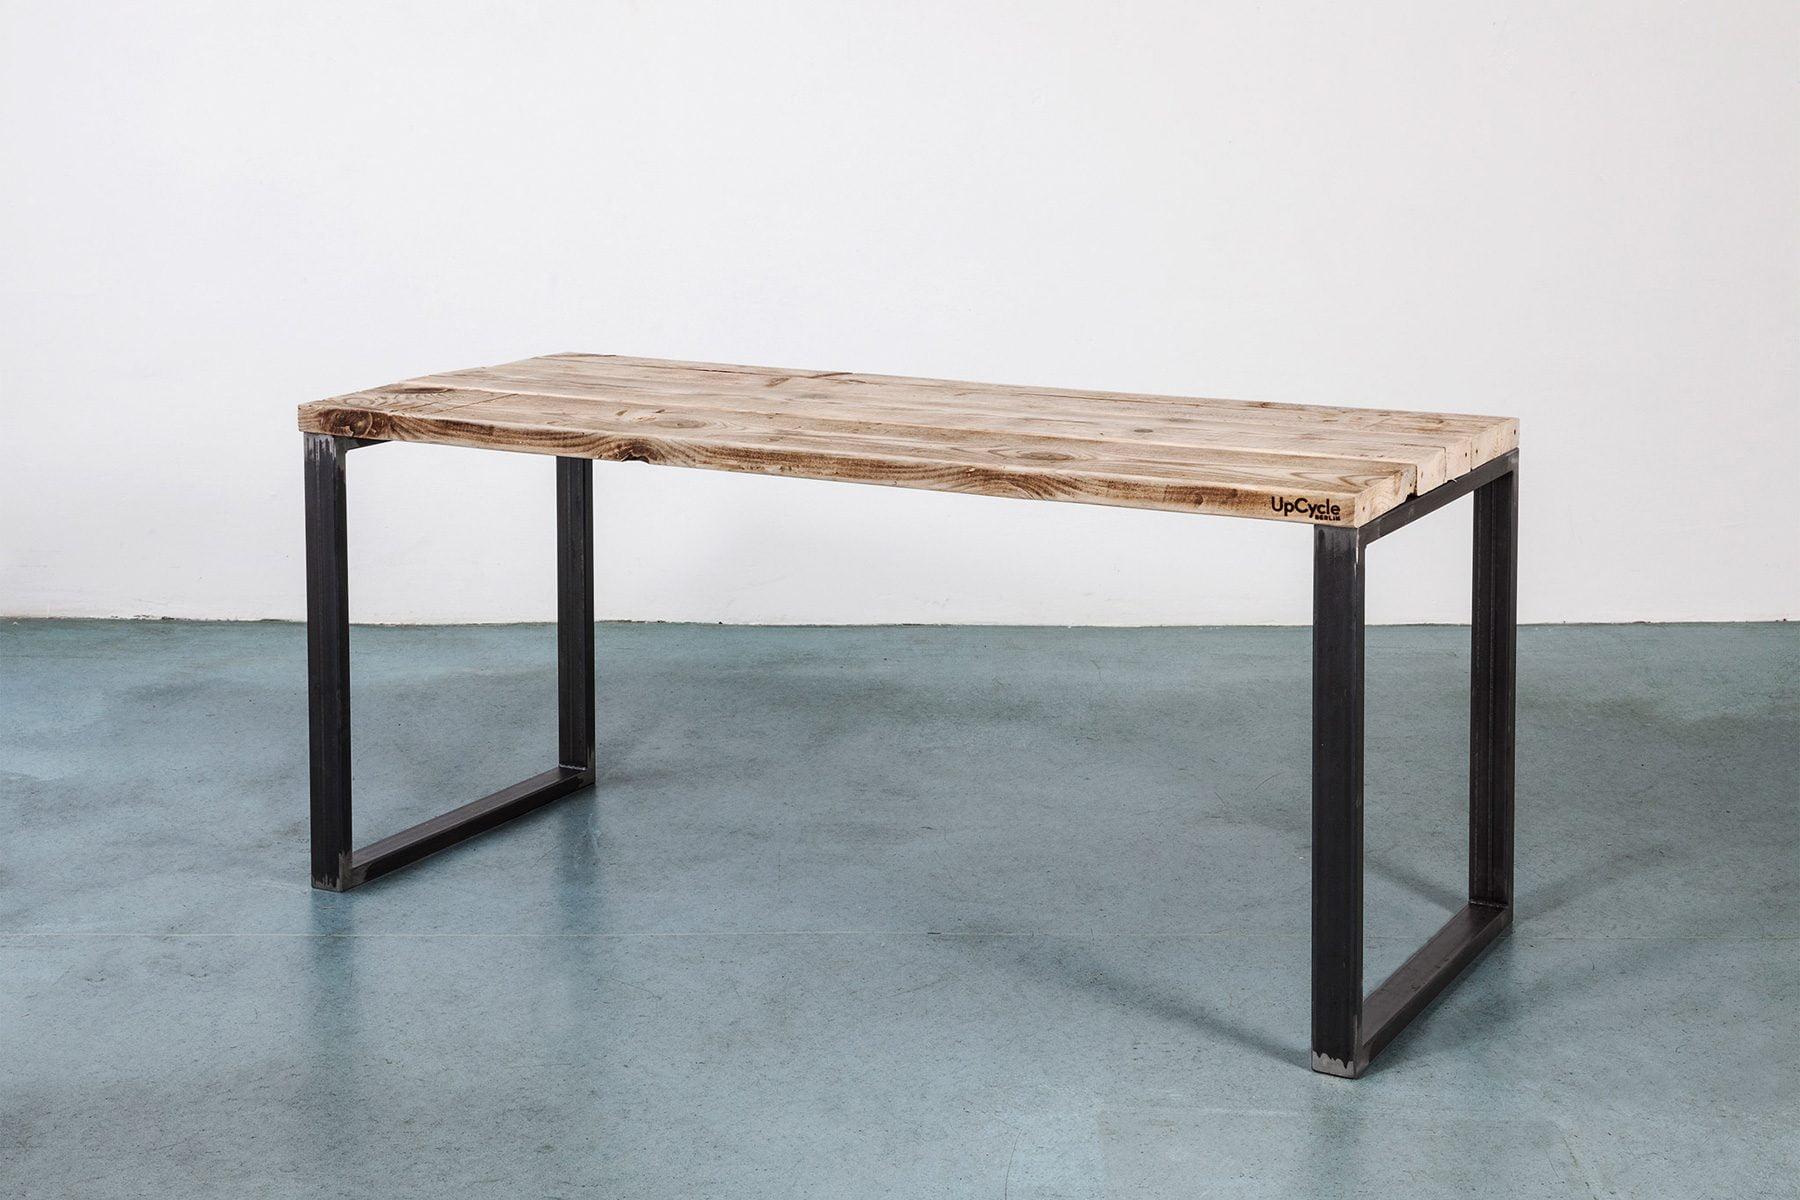 Massivholztisch aus altem Bauholz UpCycle-berlin_SQUARE_Tisch auf Kufen